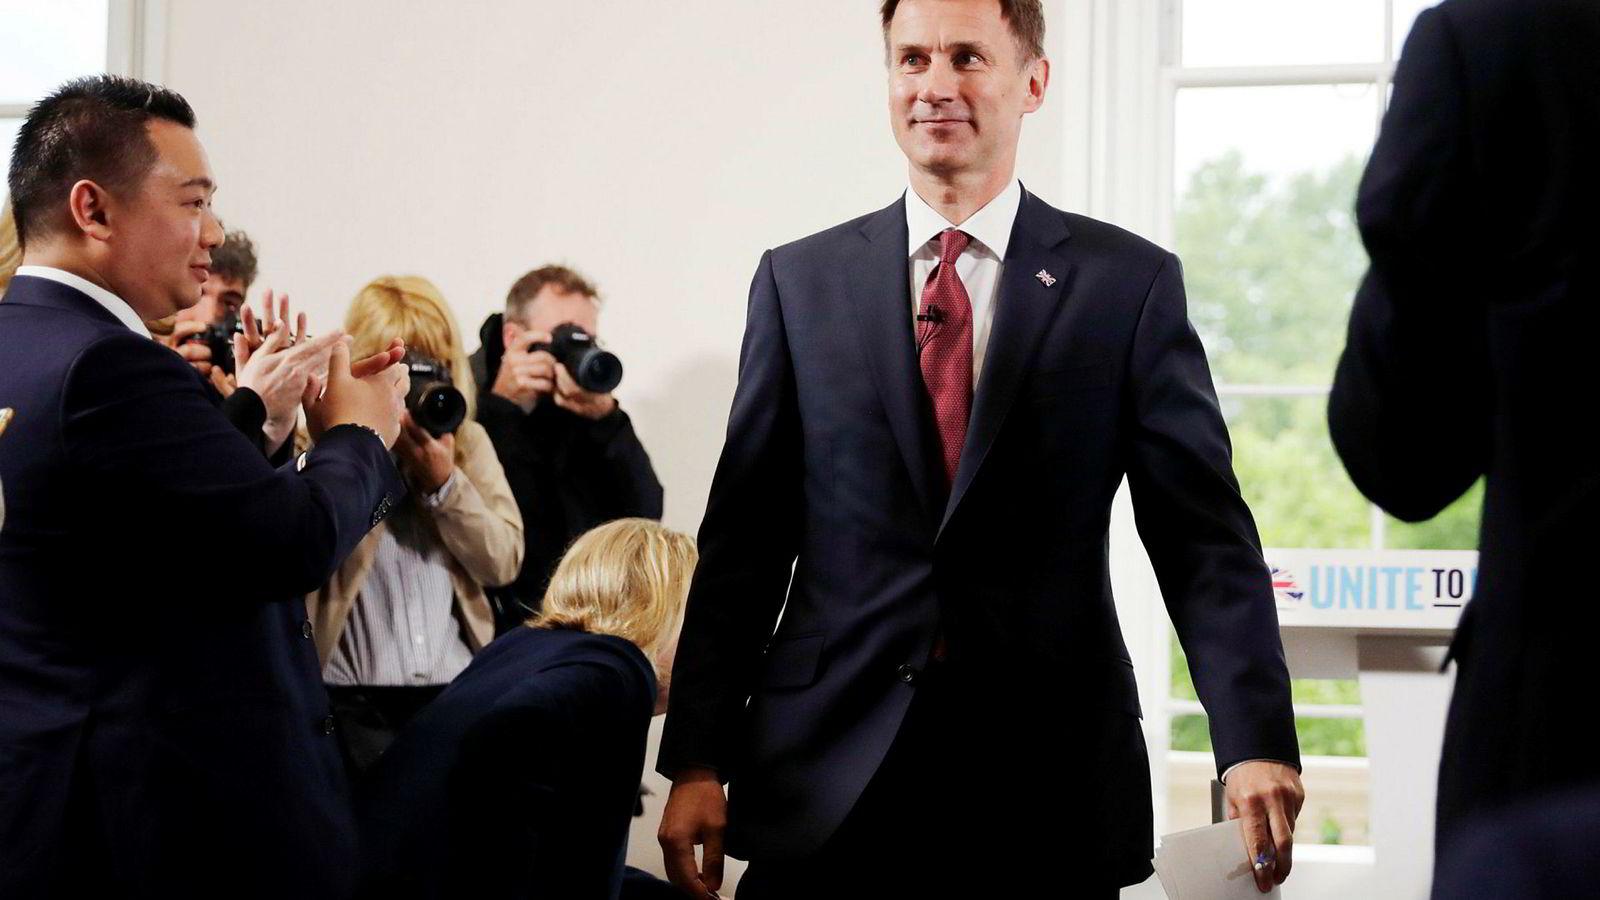 Utenriksminister Jeremy Hunt (bildet) vil ta over etter Theresa May, men møter sterk konkurranse fra blant andre Boris Johnson.